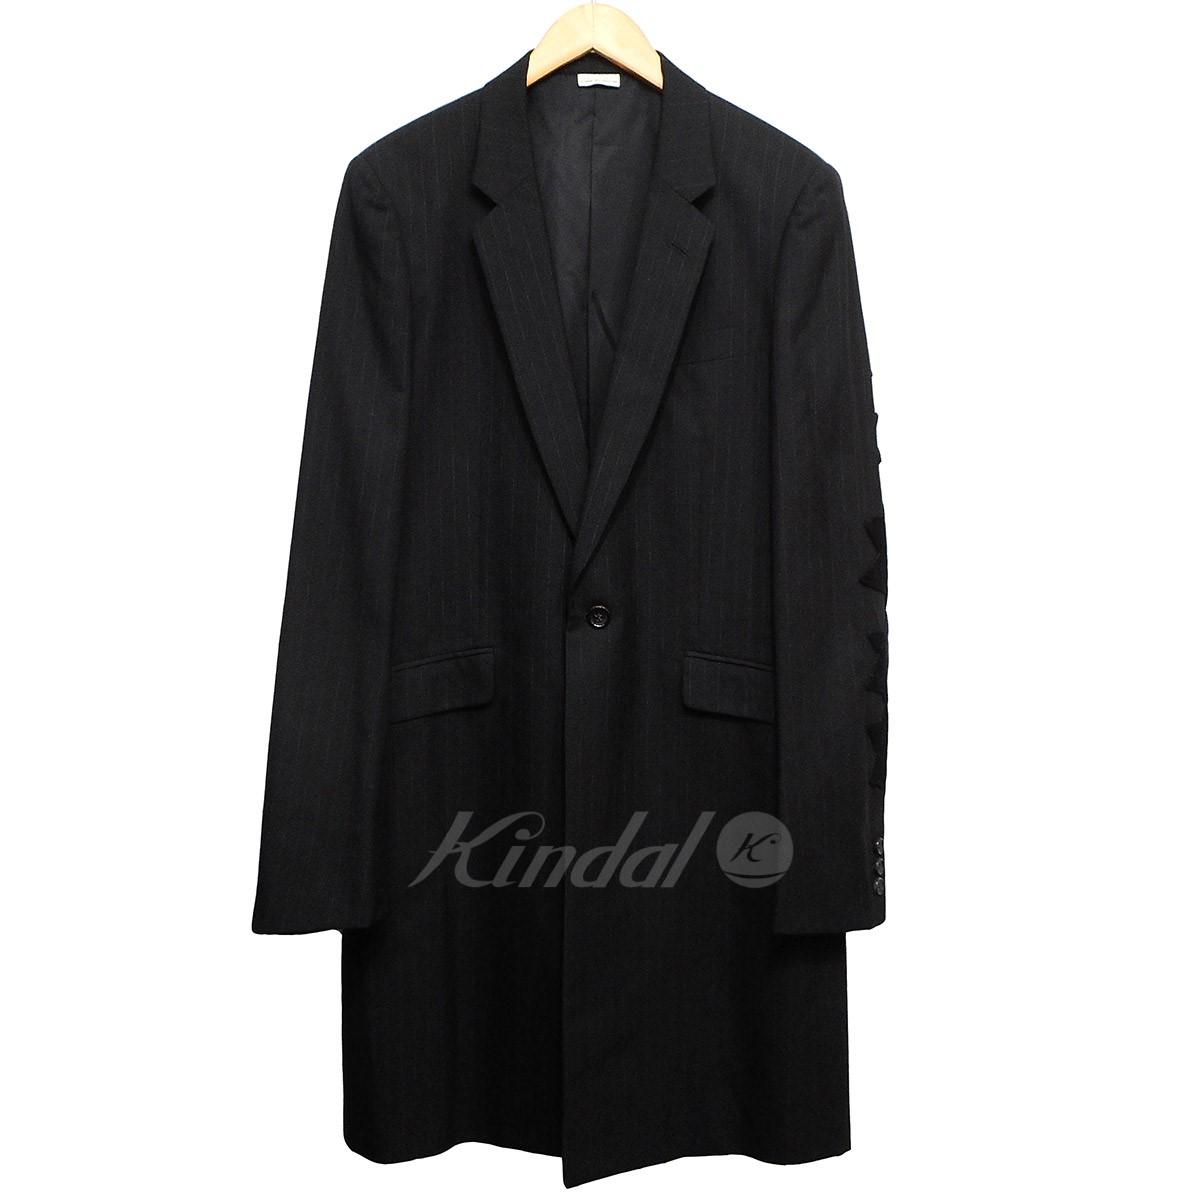 【中古】COMME des GARCONS HOMME PLUS AD2006 袖刺繍ピンストライプロングジャケット ブラック サイズ:S 【160419】(コムデギャルソンオムプリュス)